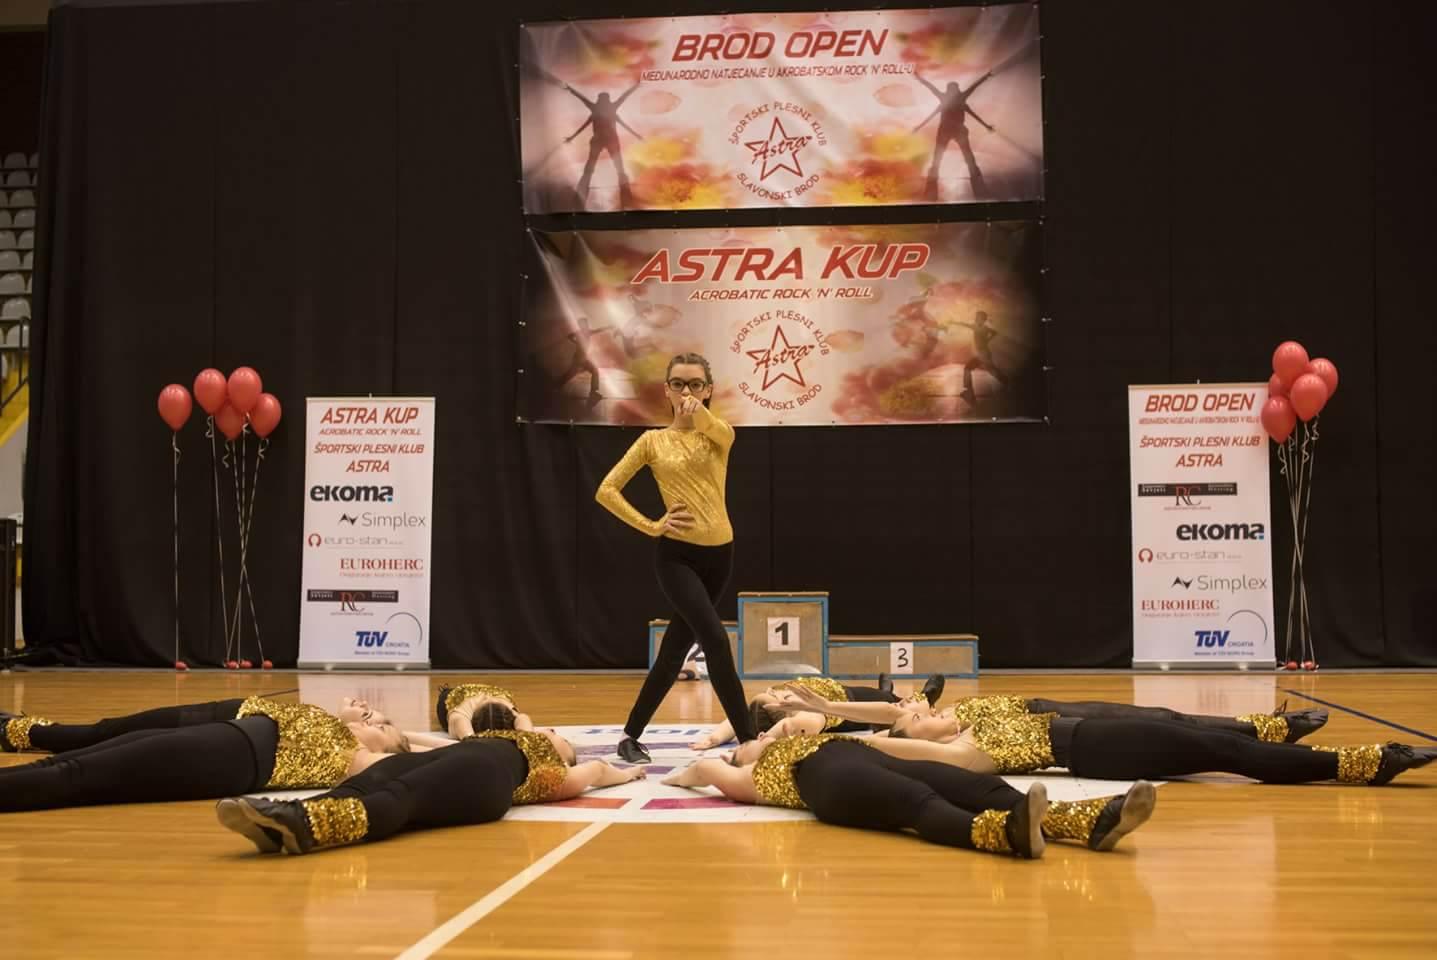 Rasplesani Slavonski Brod, čak 750 plesača okupilo se međunarodnom natjecanju u akrobatskom rock'n'roll-u i I. Astra kupu